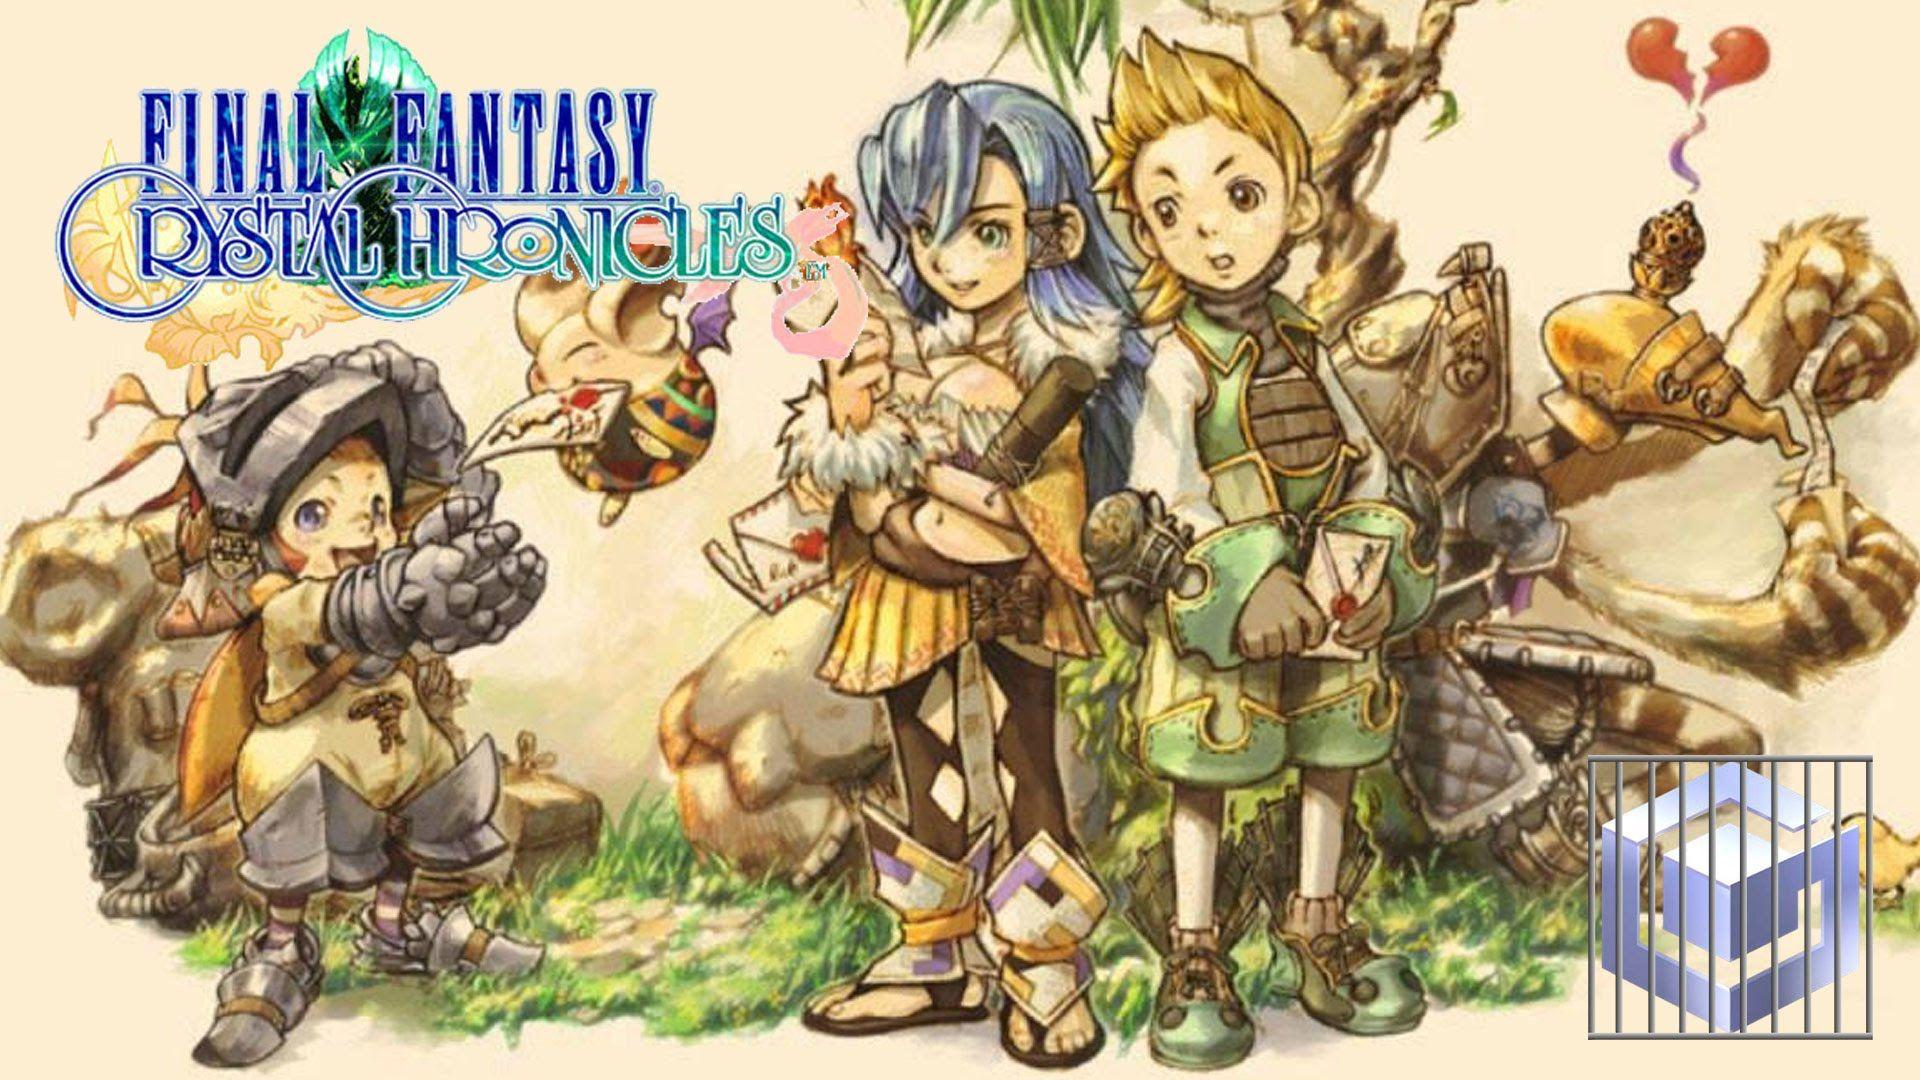 1b2e81fc5f1c43e8d6c3505ba60bb849.jpg (1920×1080) | Final fantasy, Fantasy  games, Fantasy